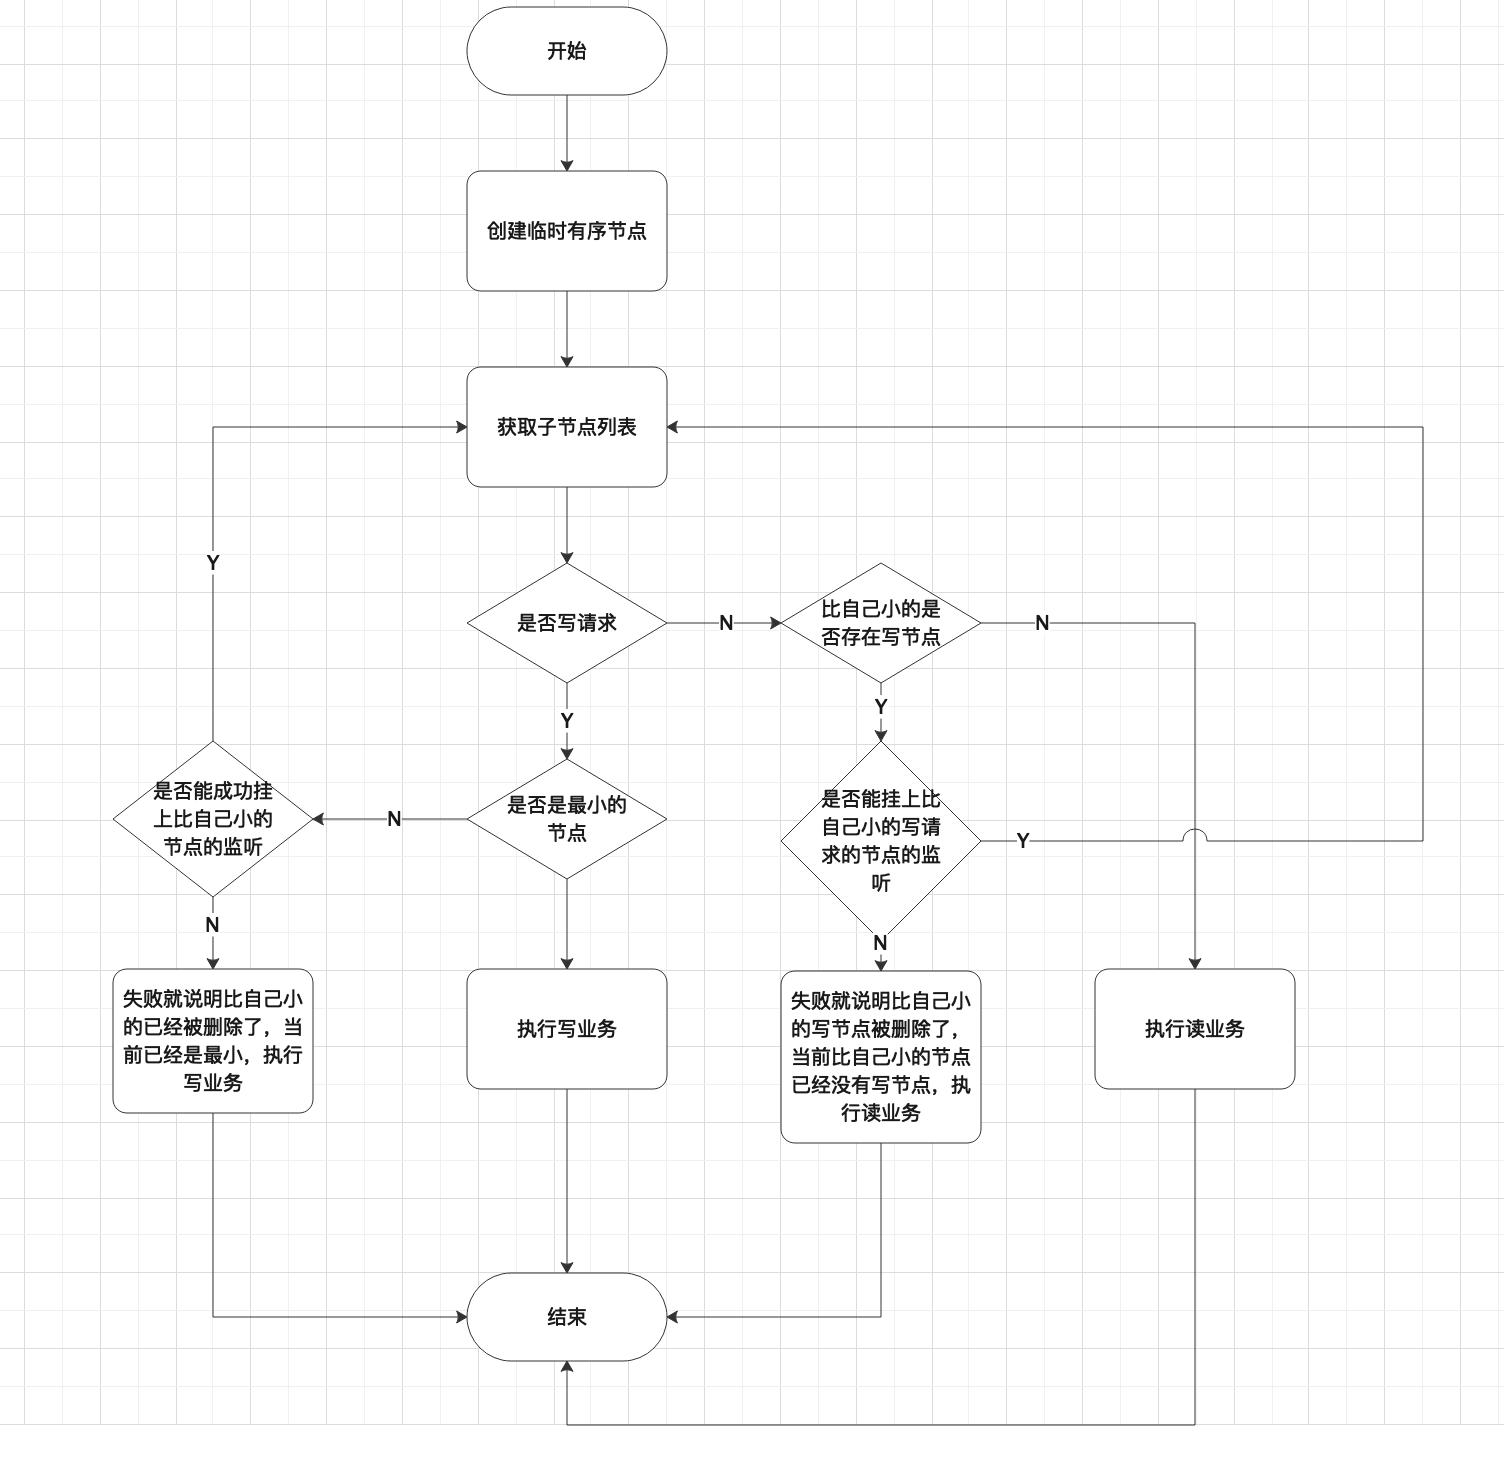 自己优化后的共享锁流程图